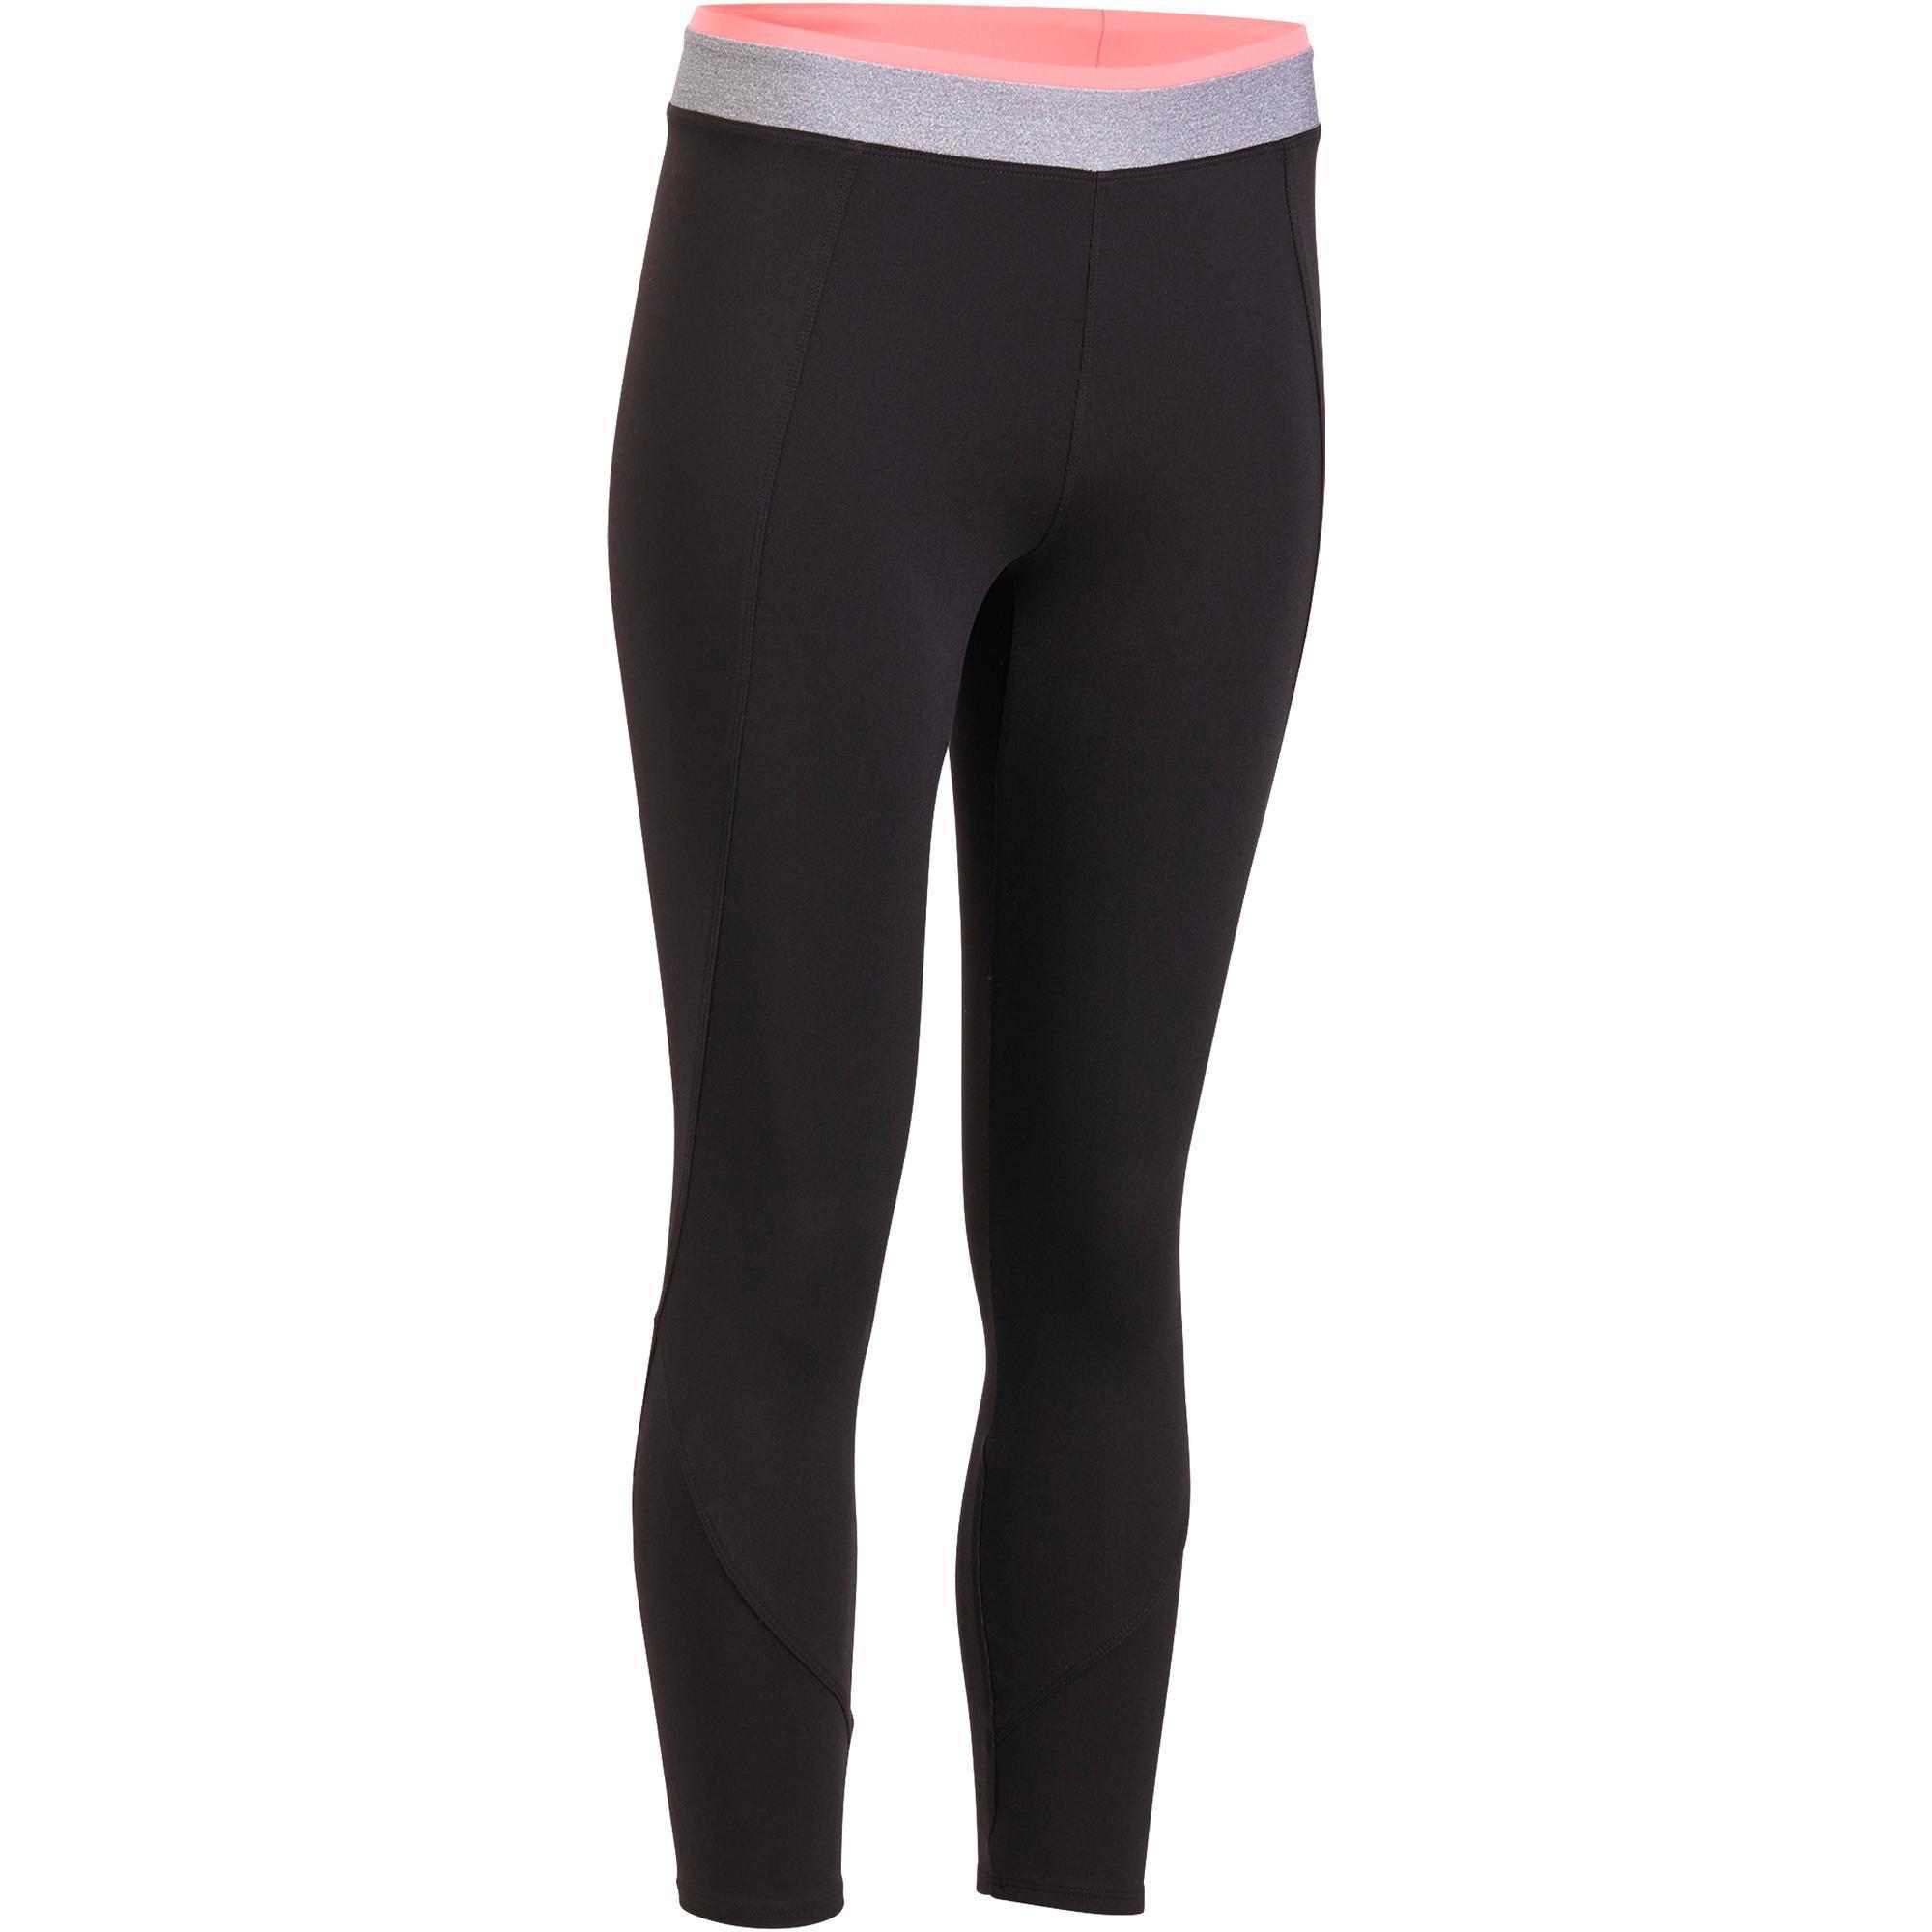 249dd6bb30313 Leggings - Decathlon